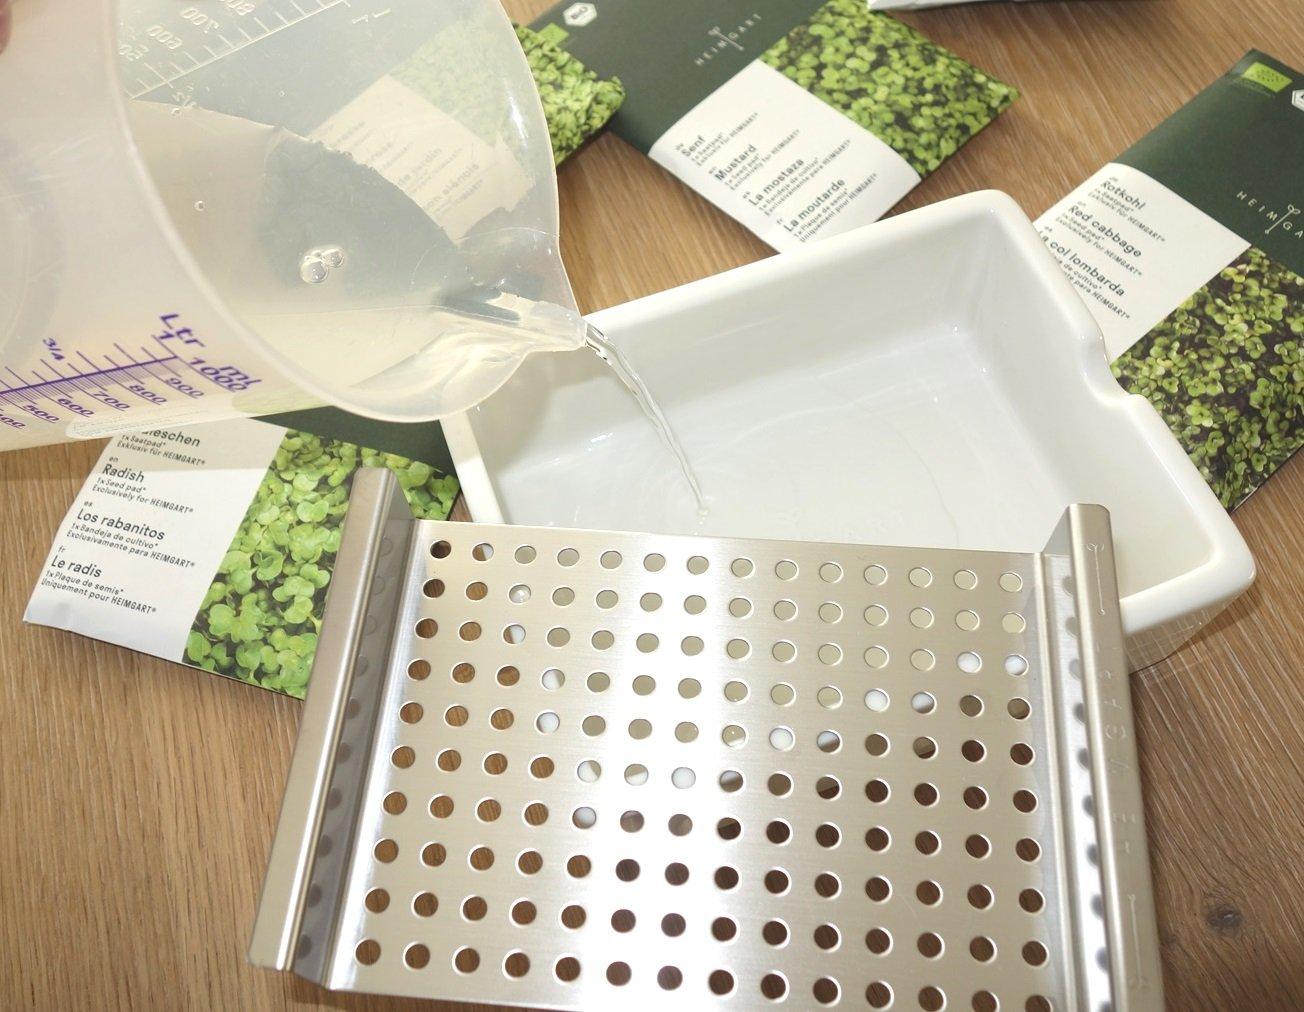 DSC01256 - Microgreens selber anbauen und Superfood einfach züchten